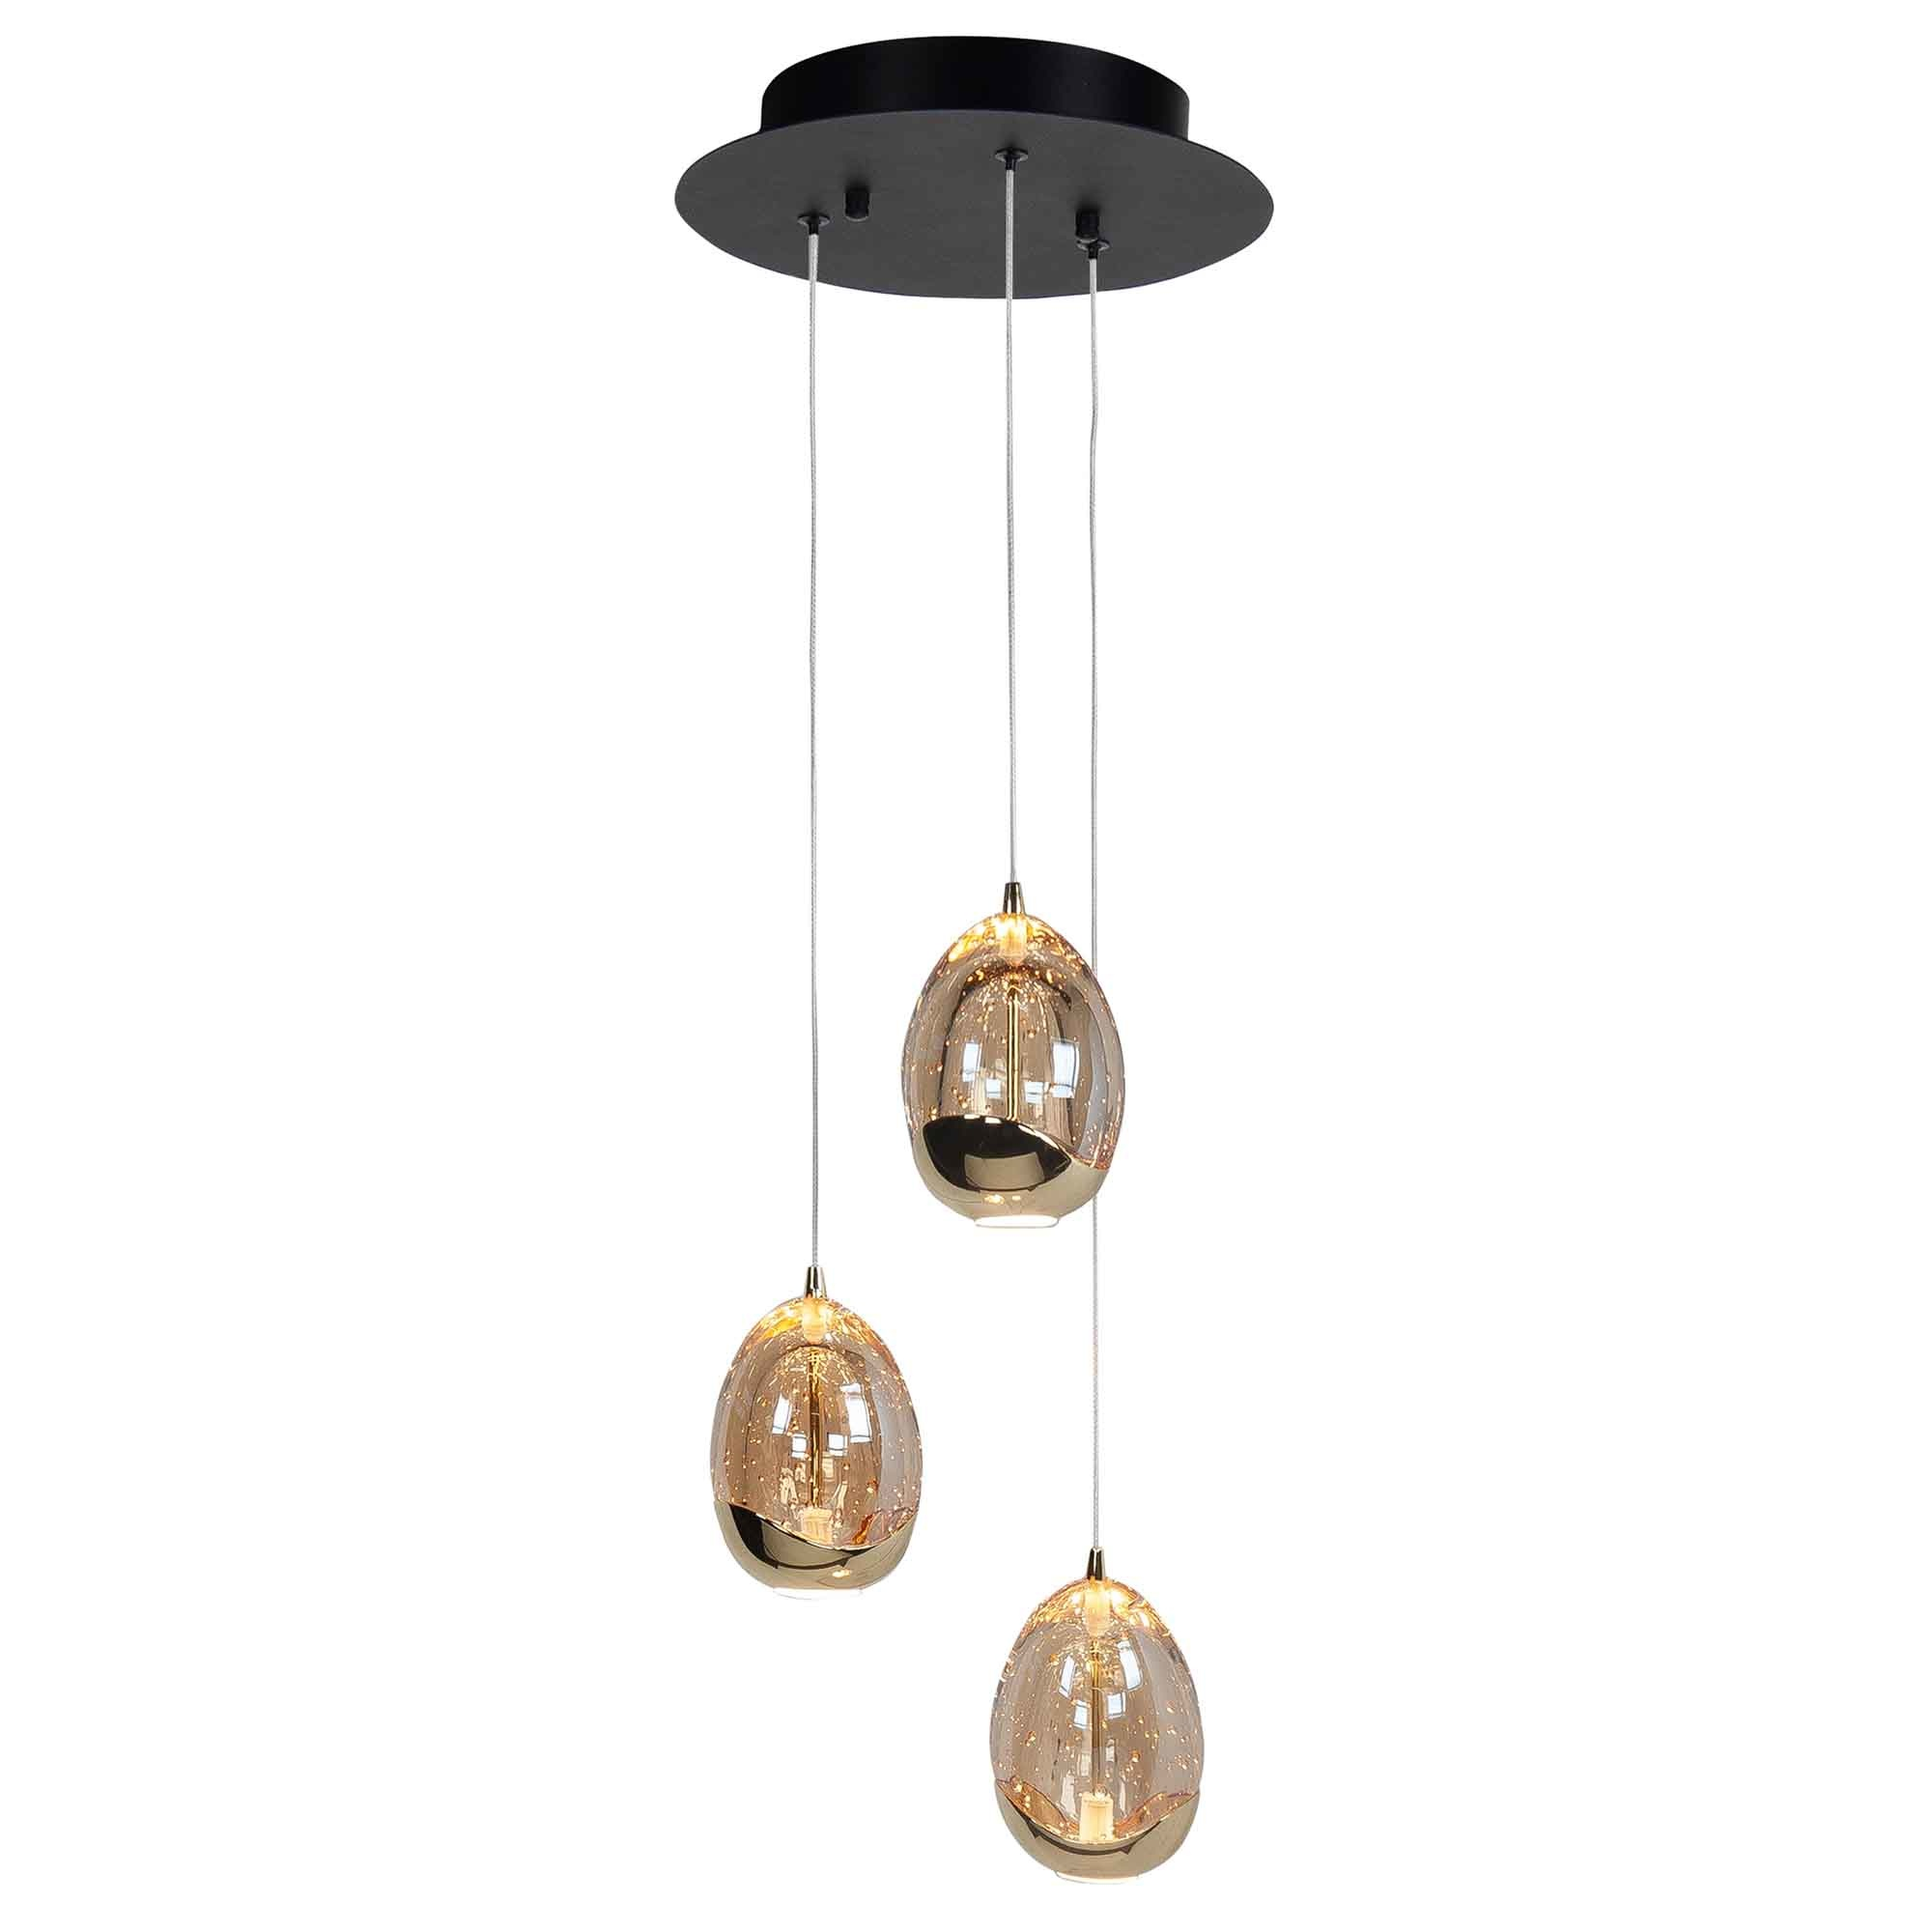 Highlight Hanglamp Golden Egg 3 lichts Ø 25 cm amber-zwart